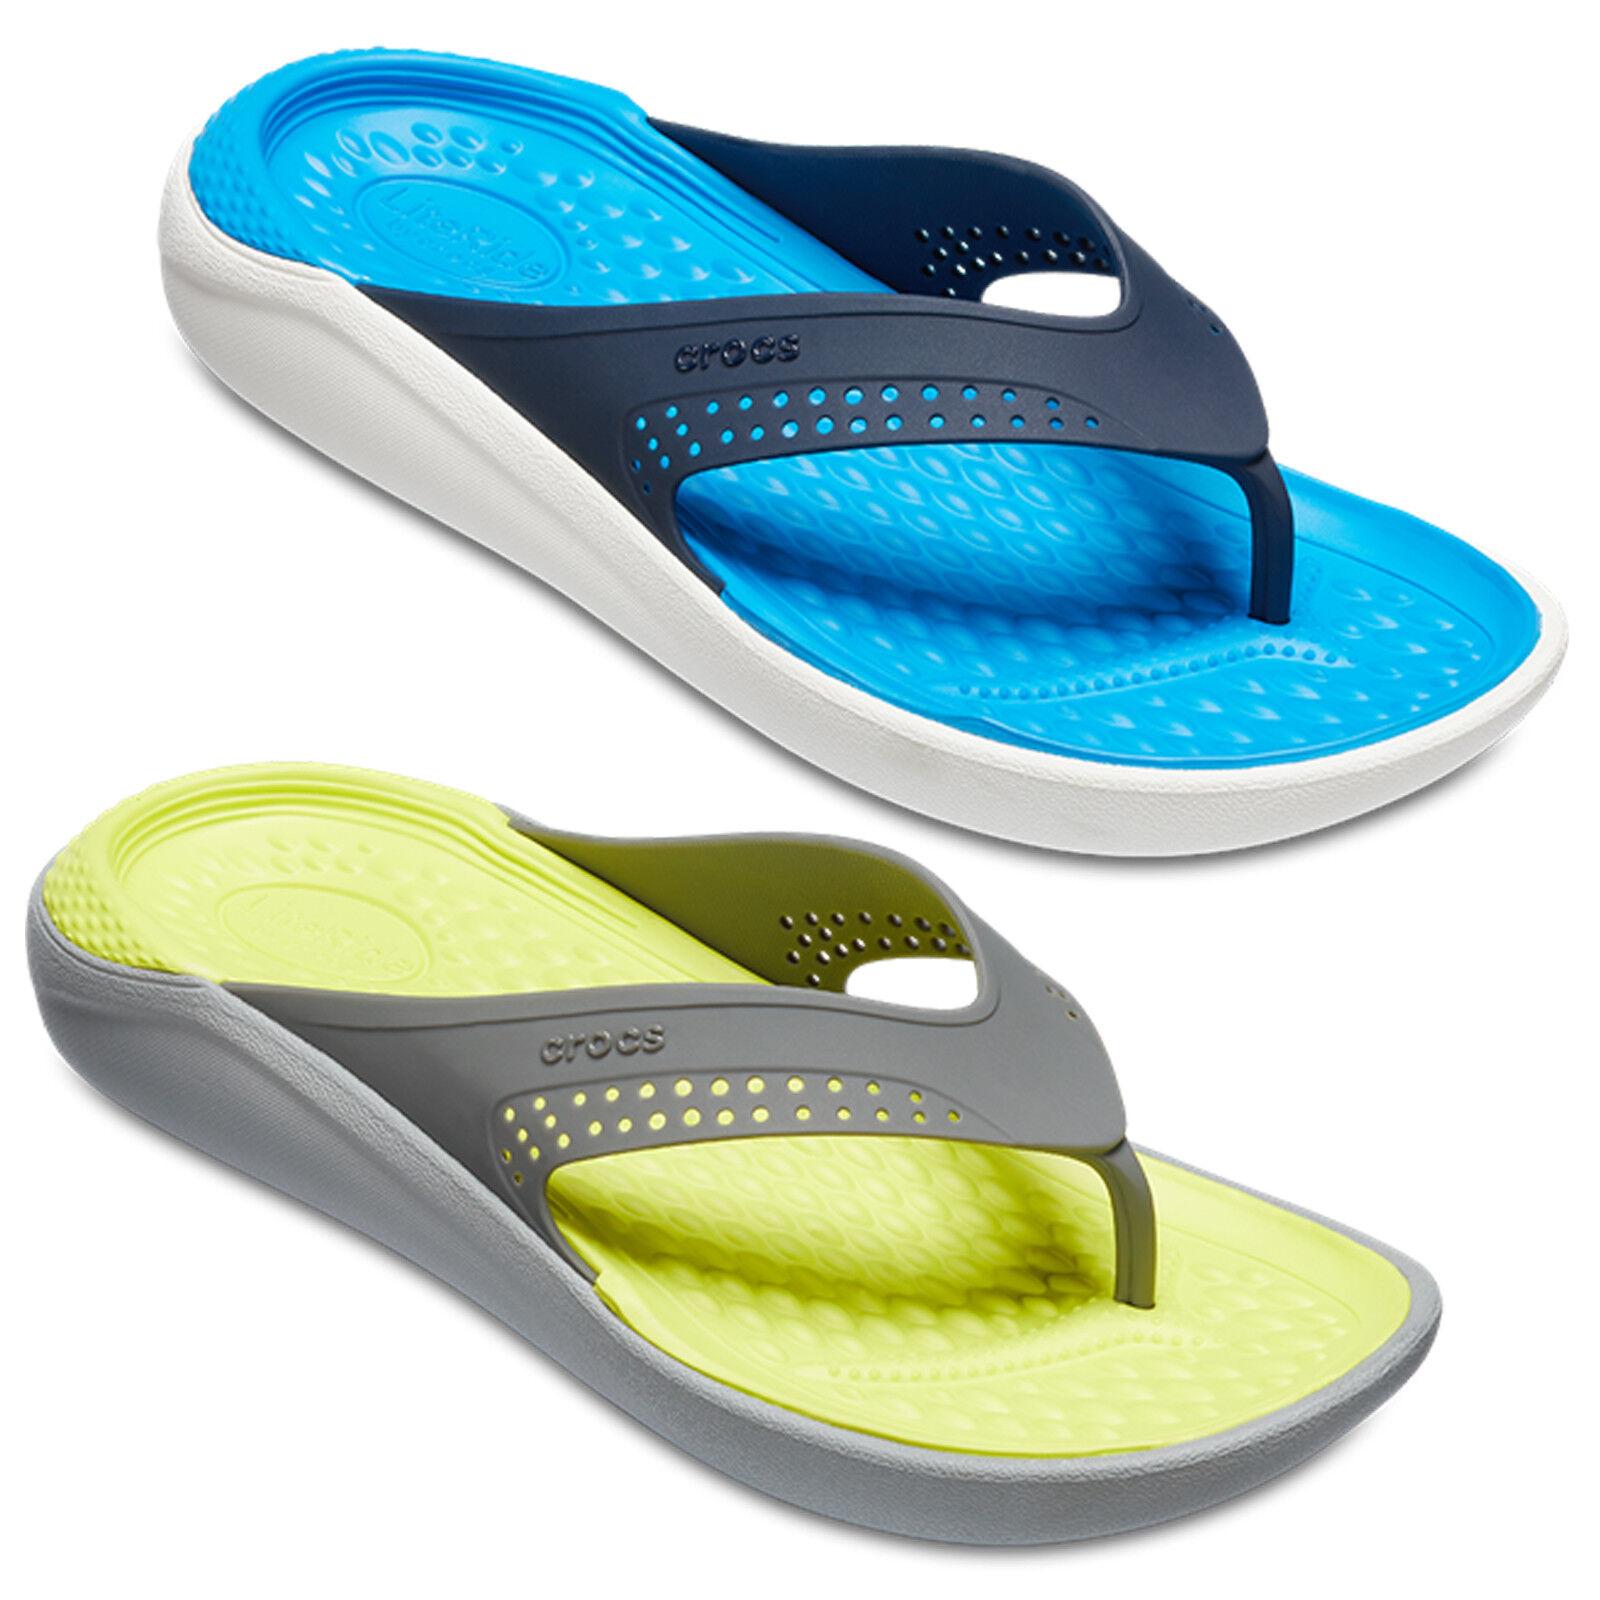 Crocs LiteRide Flip UnisexLightweight Open Toe Flat Summer Holiday Beach Sandals